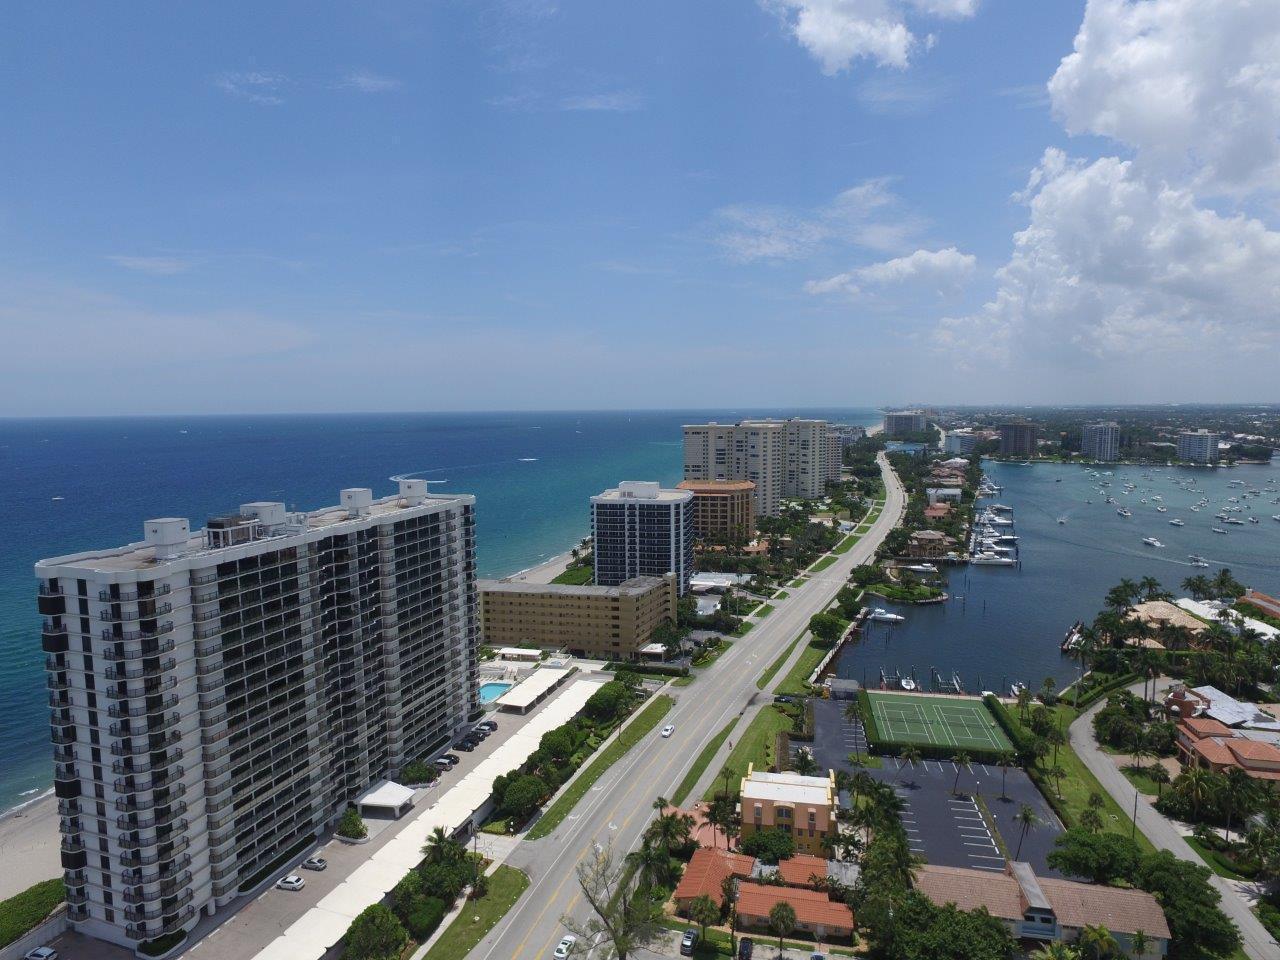 250 S Ocean Blvd #lphe Boca Raton, FL 33432